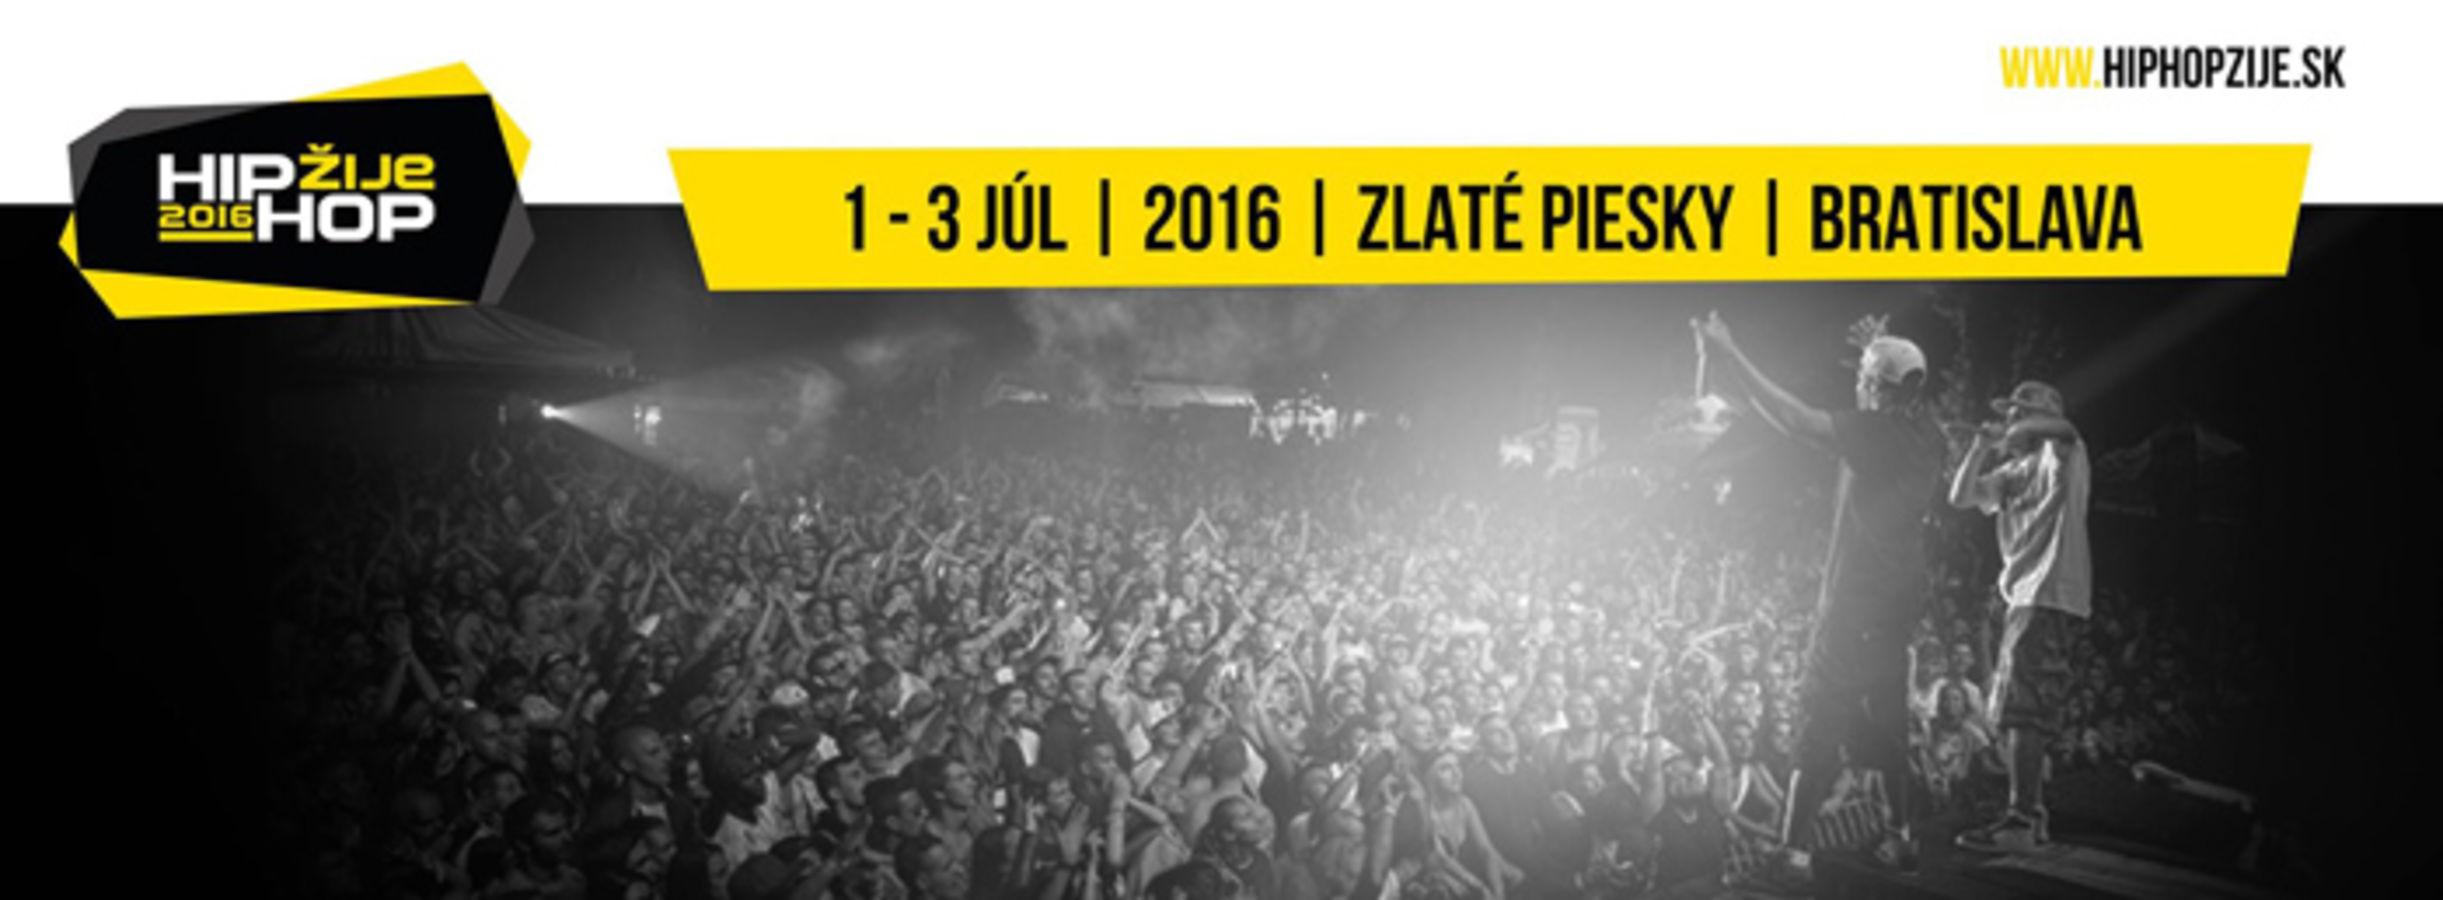 Hip Hop Žije 2016 - Slovakia.travel 86e57547c55